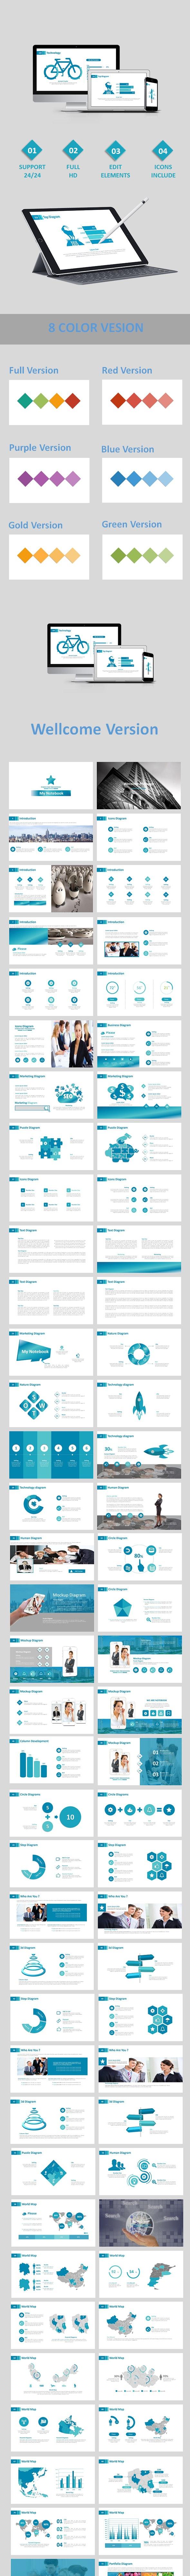 Version Google Slide Templates - Google Slides Presentation Templates